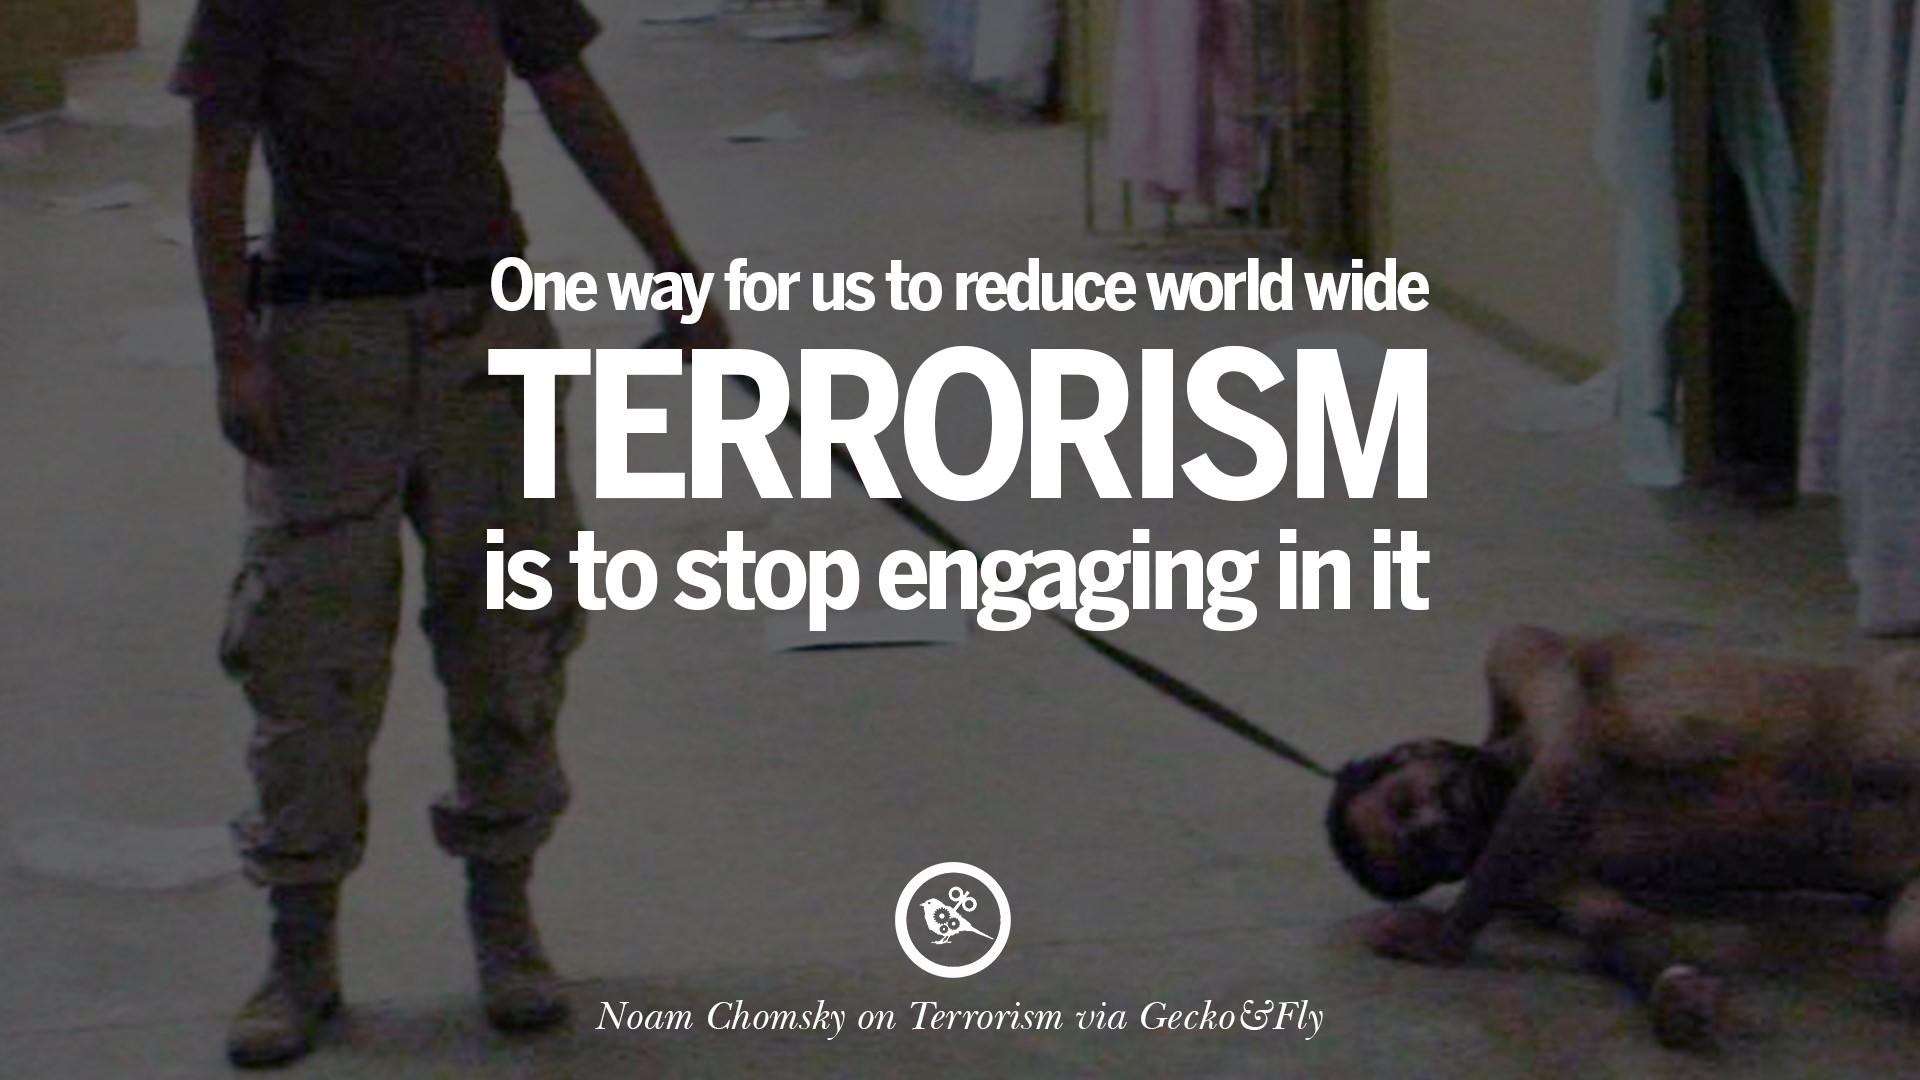 22 Inspiring Quotes Against Terrorist and Religious Terrorism